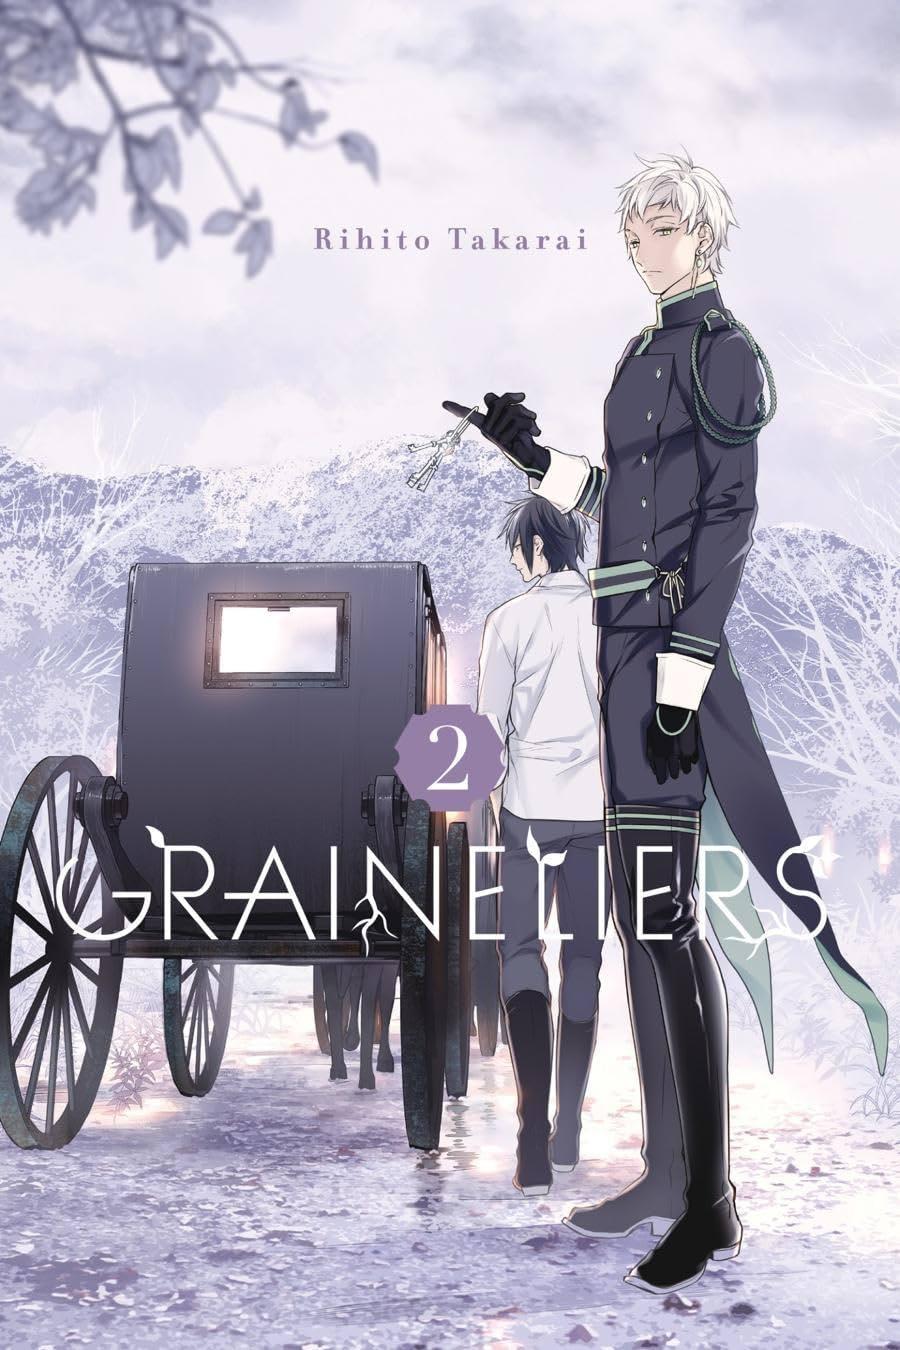 Graineliers Vol. 2